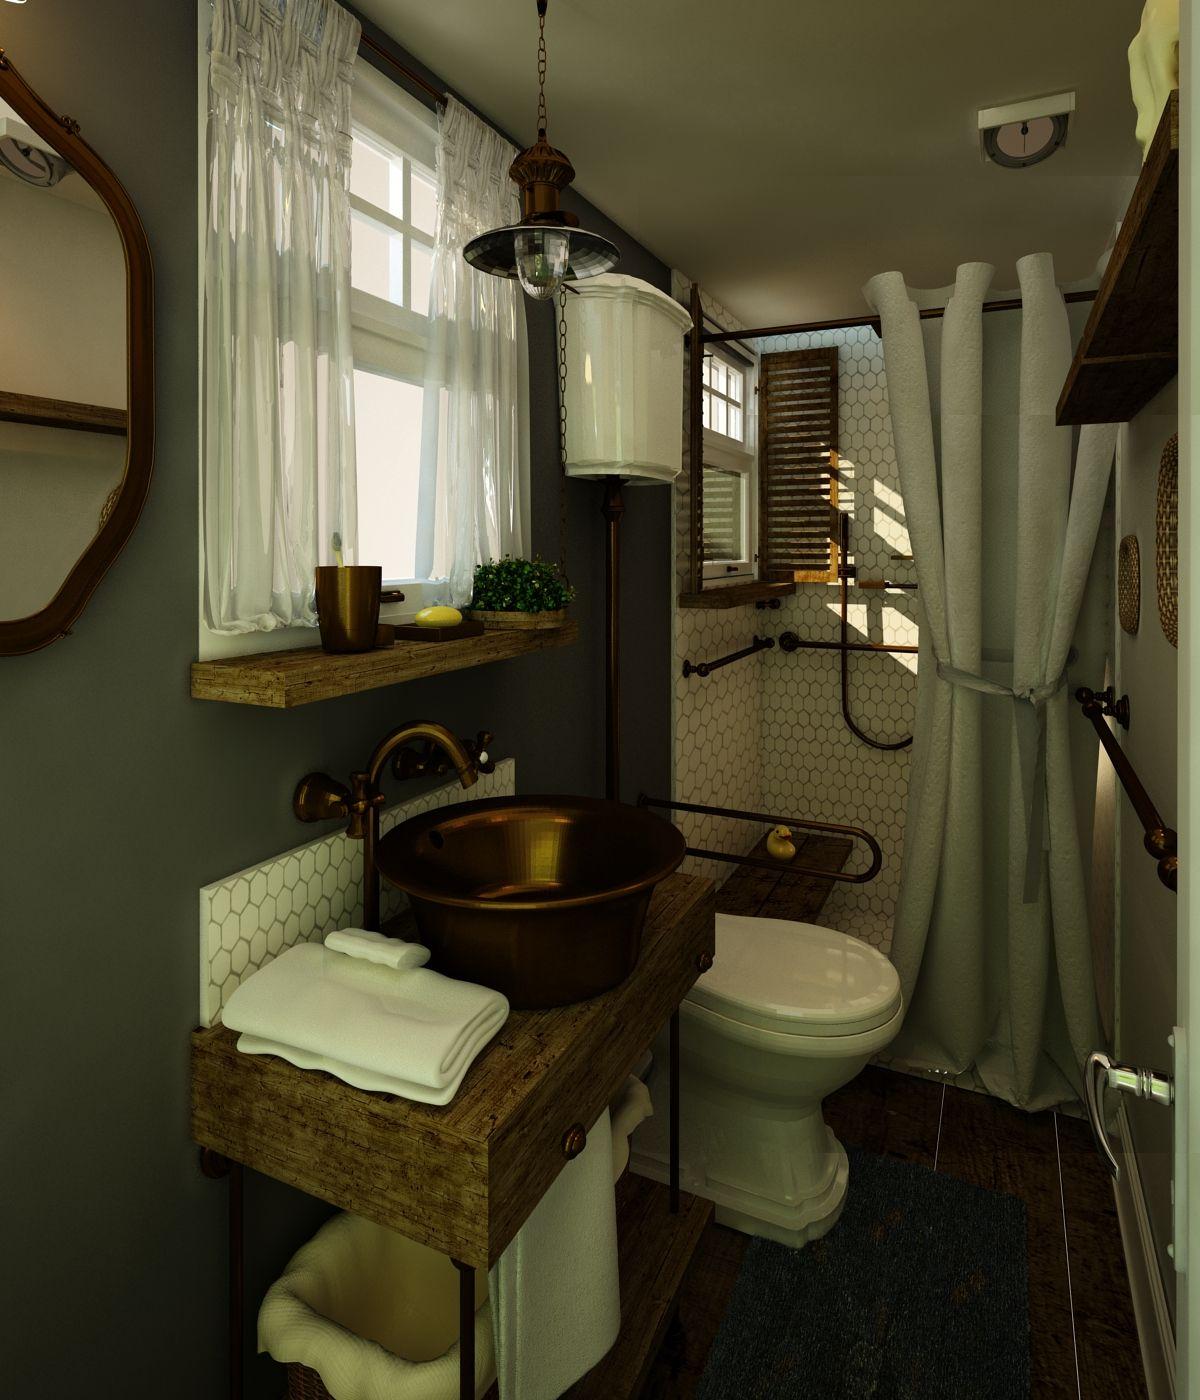 Small Rustic Bathroomkasia Mccloskey 7082097506  Designed Interesting Small Rustic Bathrooms Inspiration Design